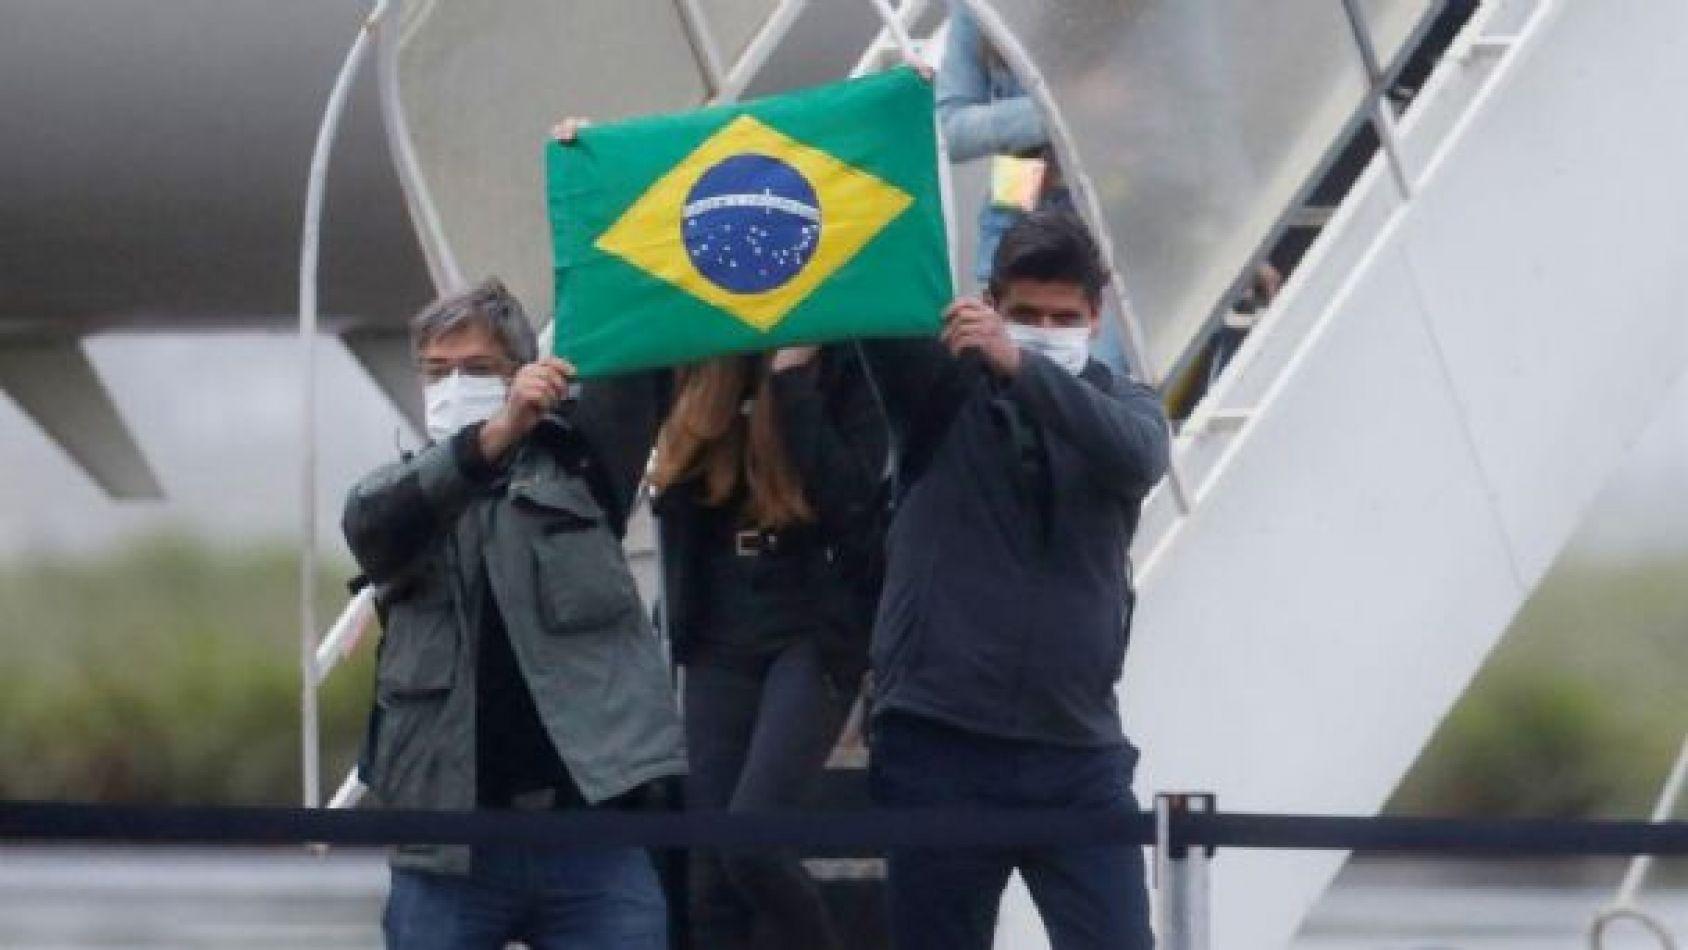 El coronavirus avanza y genera preocupación en Brasil: 46 muertos y 2.201 infectados